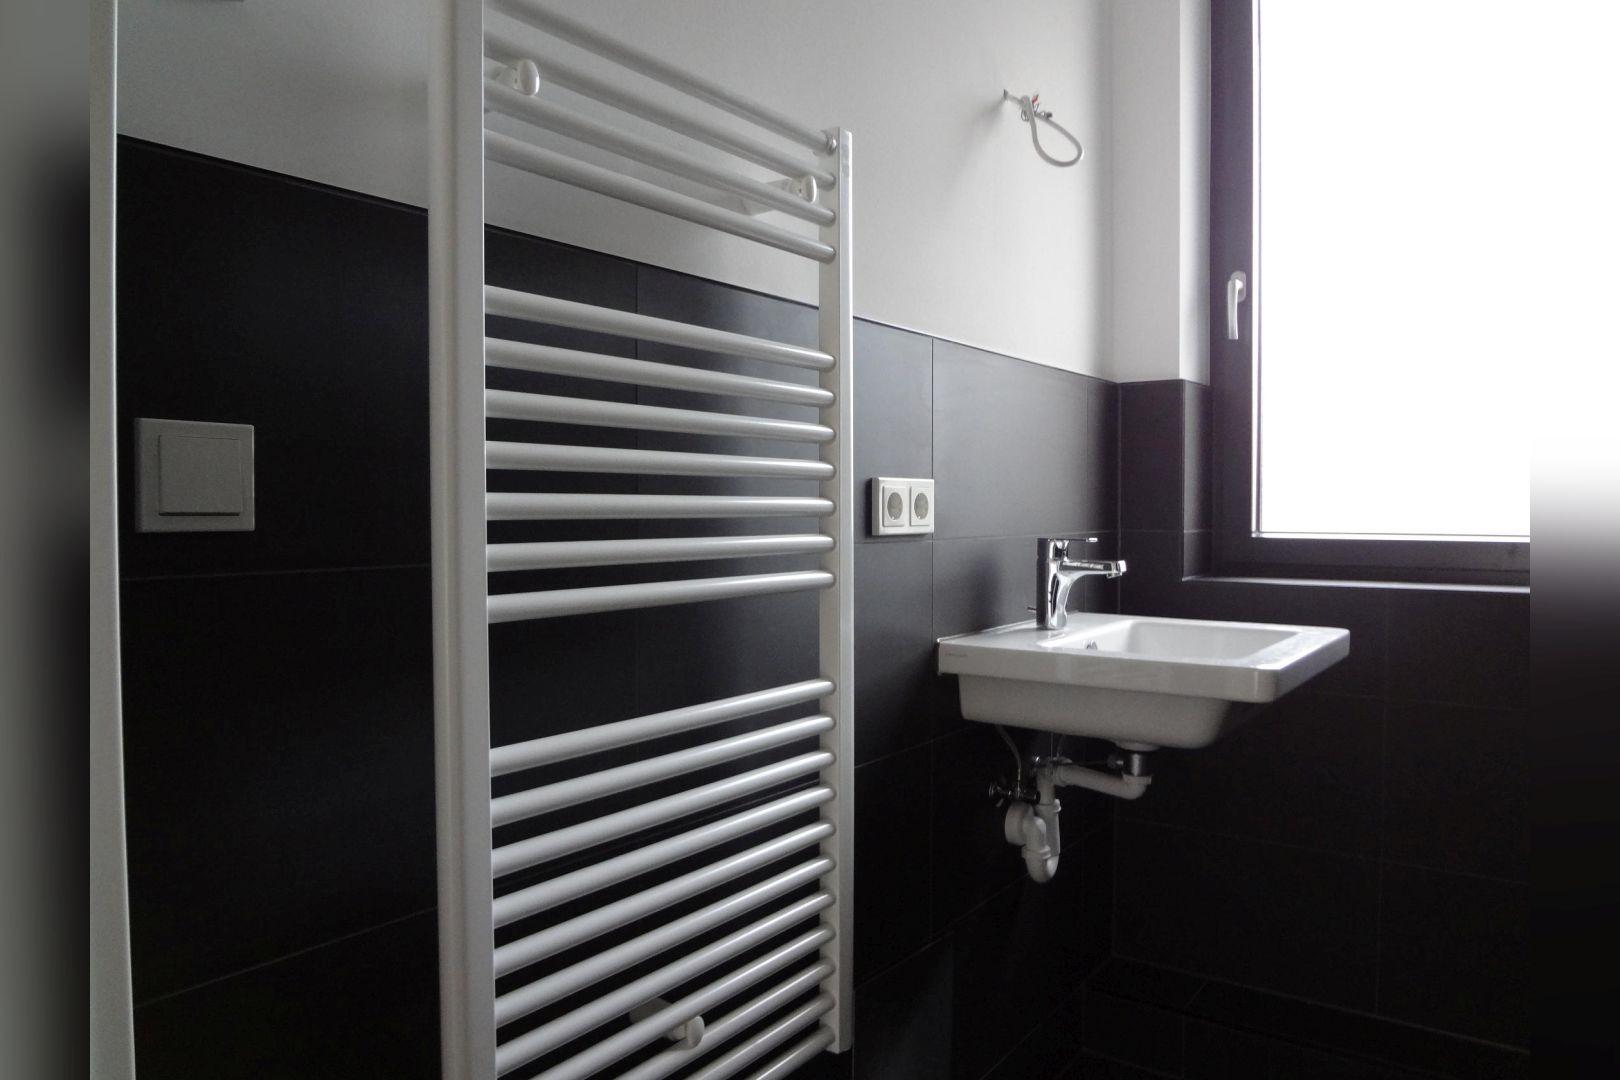 Immobilie Nr.0285 - 3-Zimmer-Maisonettewohnung mit Dachterrasse und TG-Stellplatz - Bild 10.jpg